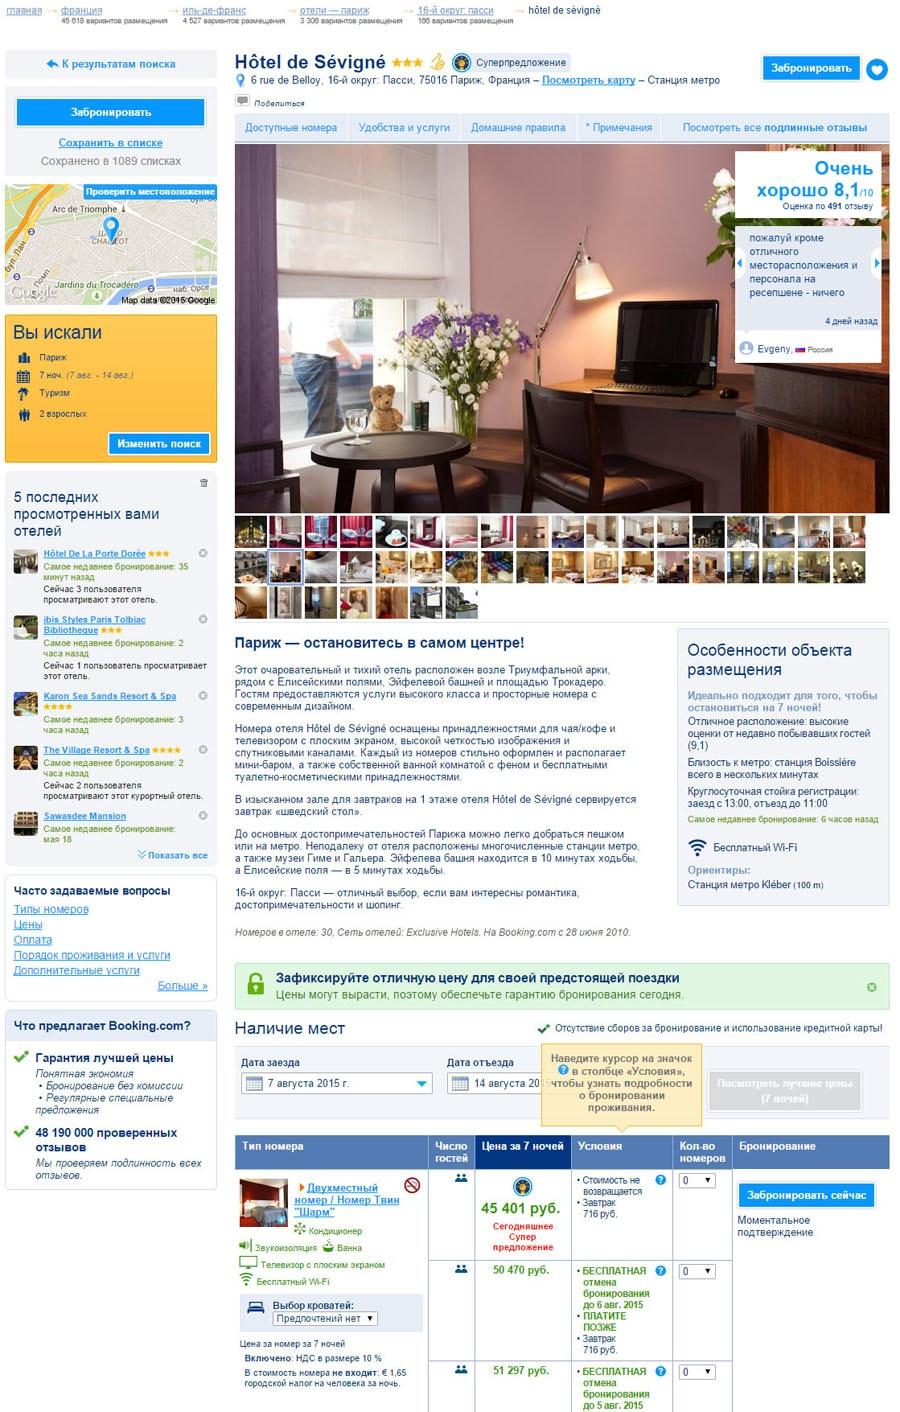 Страница выбранного отеля с подробным описанием